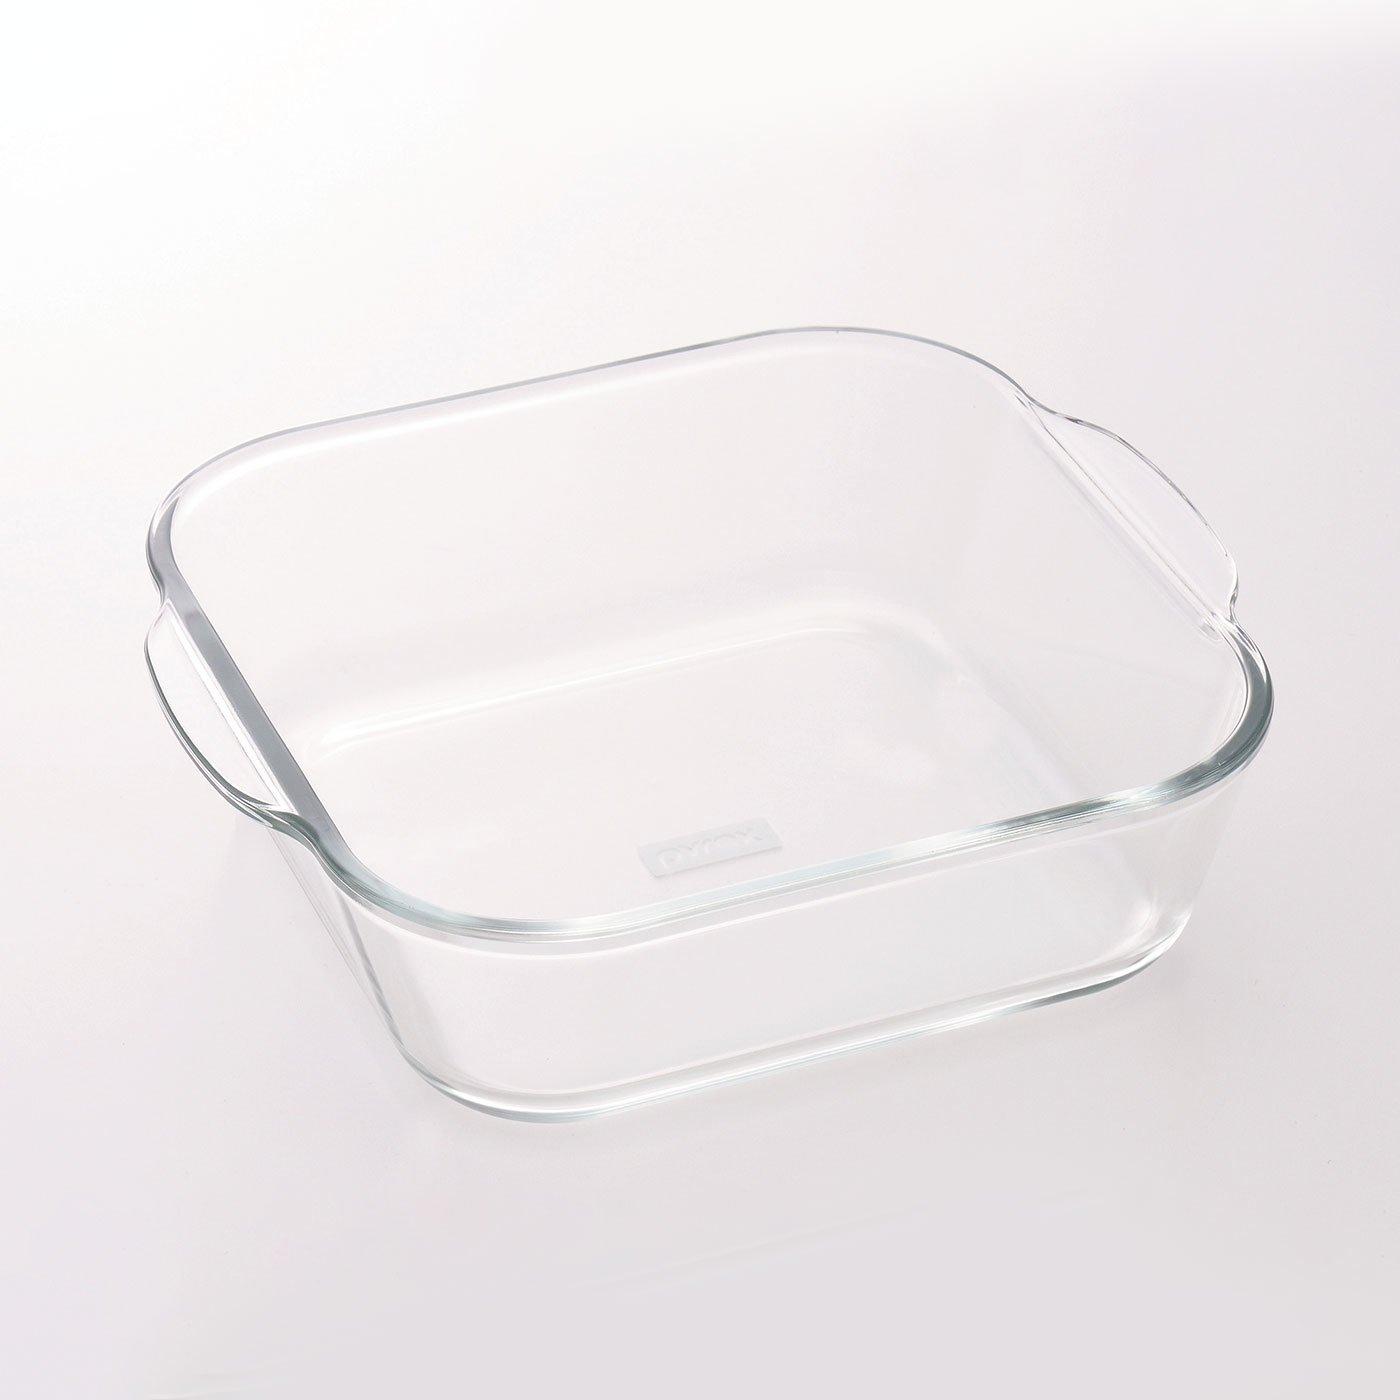 調理にも食器にも使える 耐熱ガラスのグラタン皿 PYREX〈1.2L〉